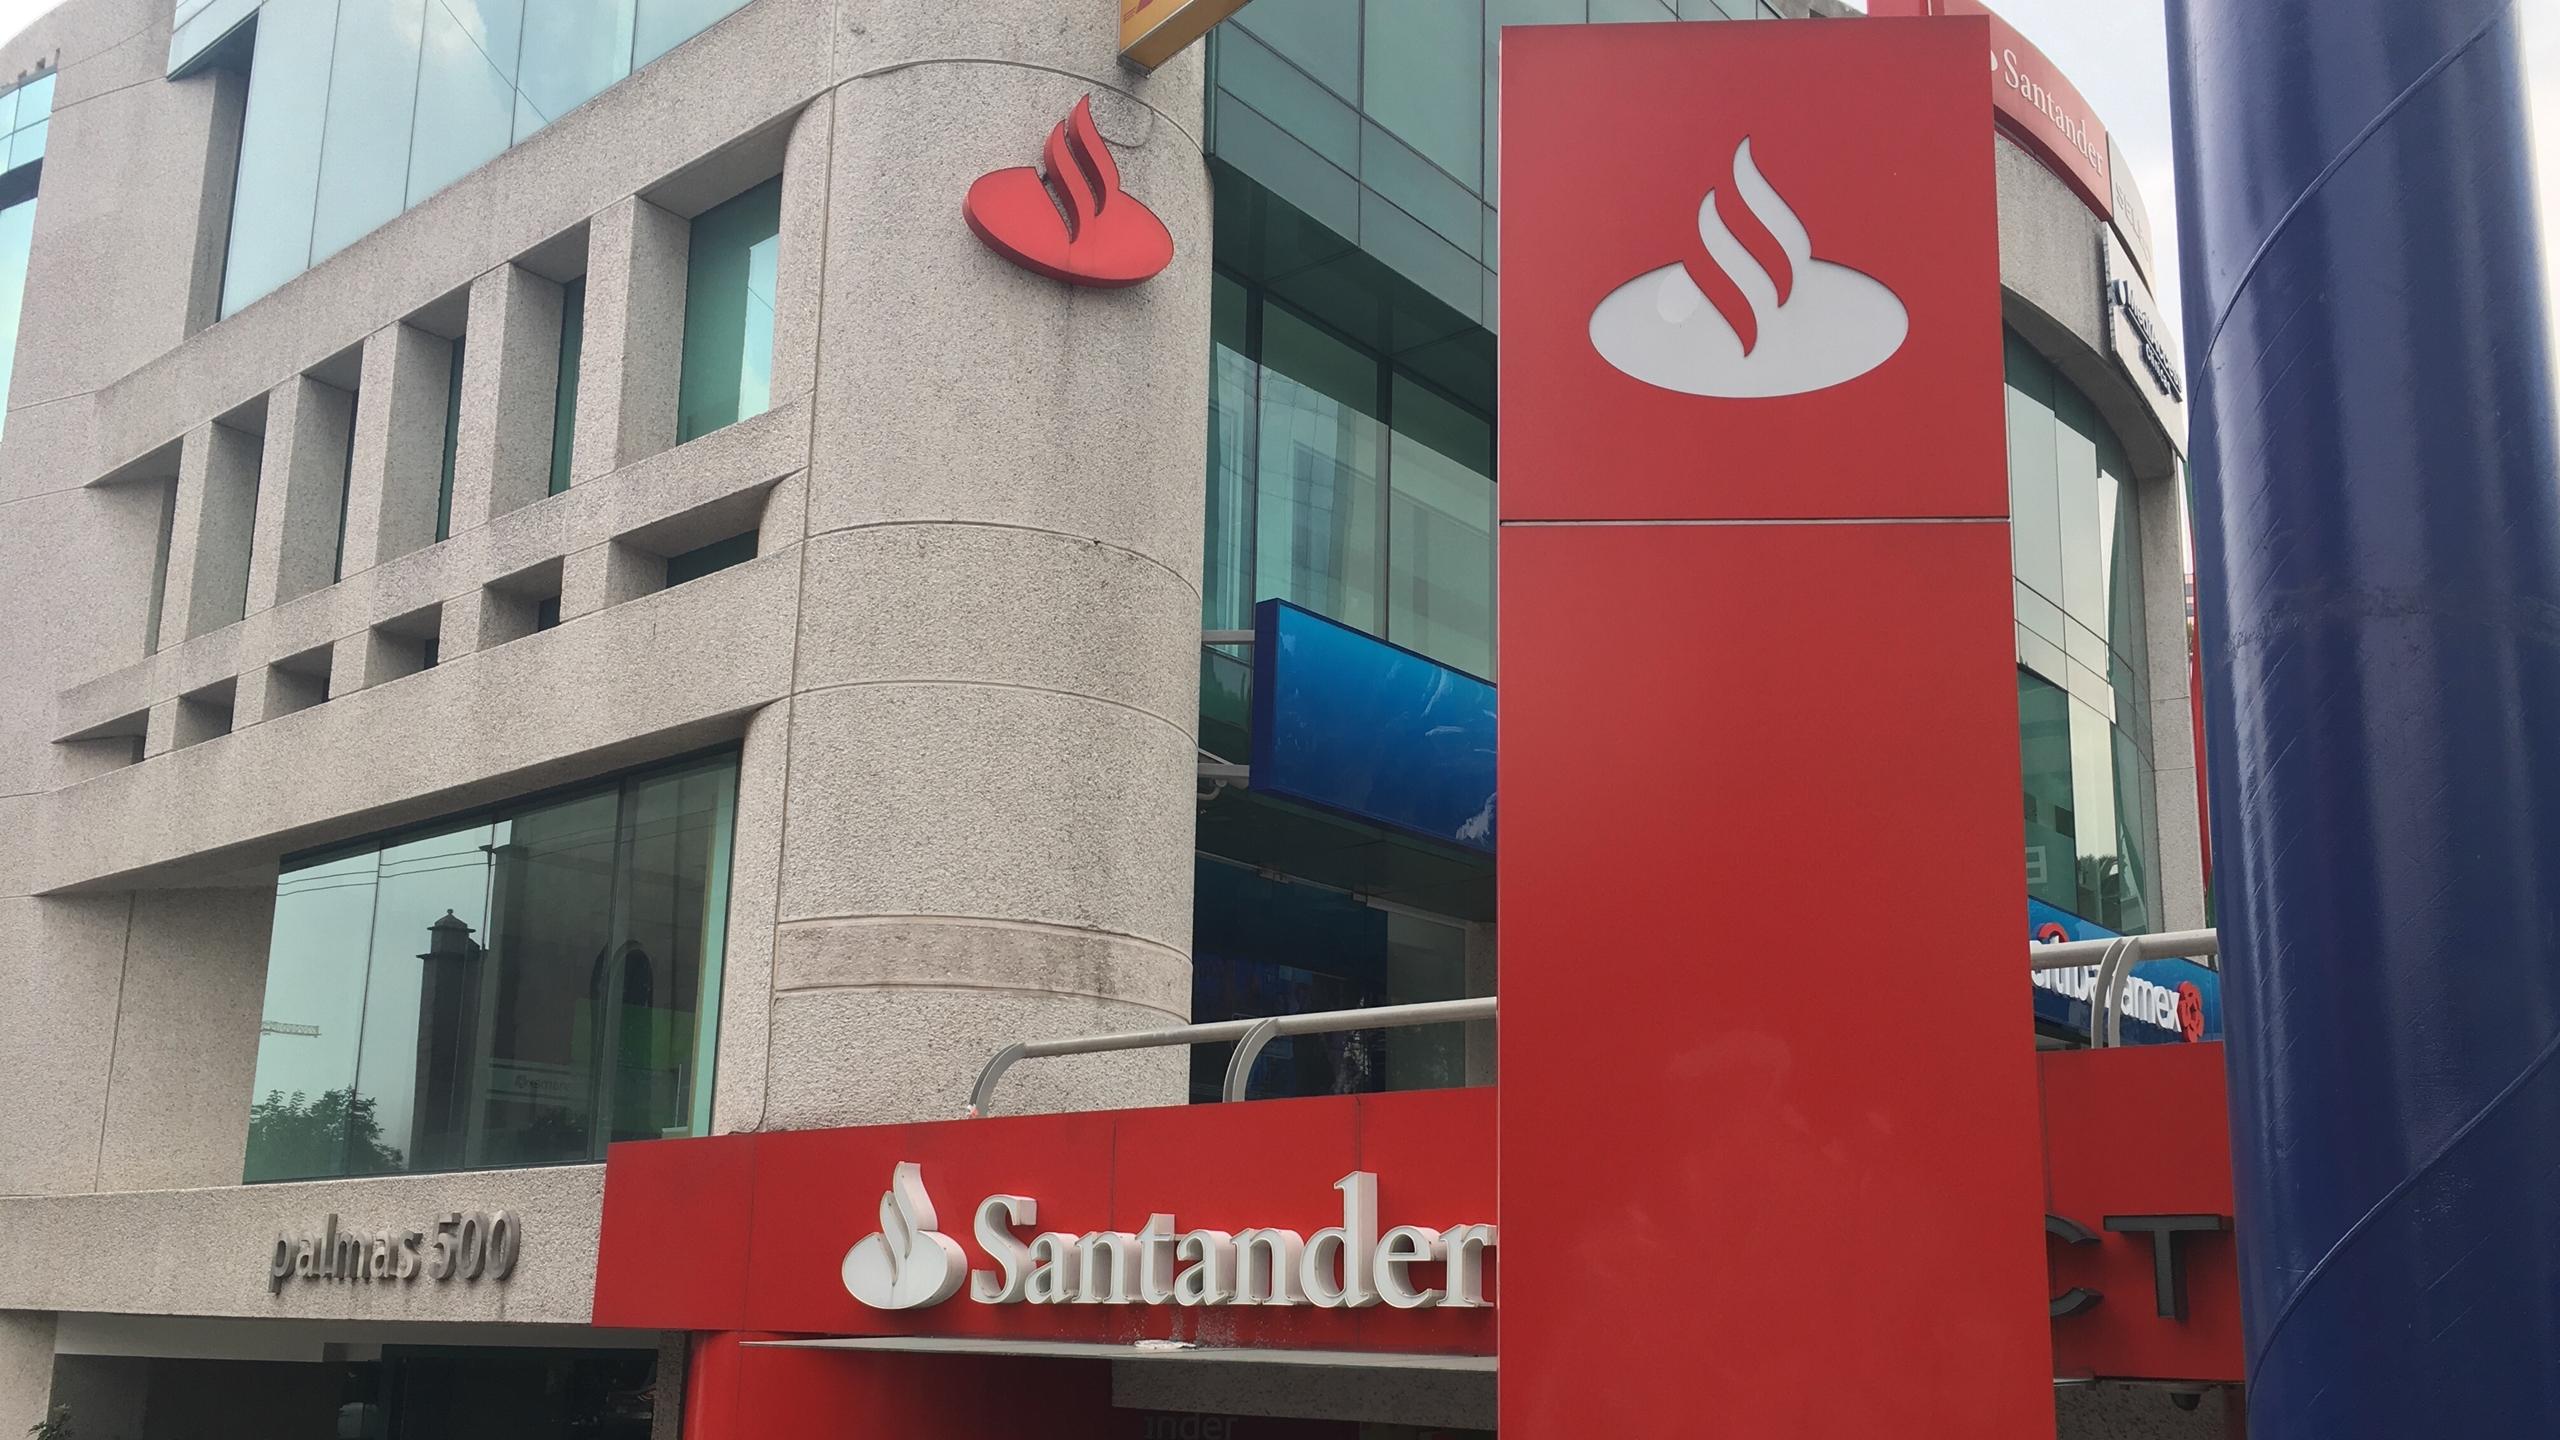 Ganancias de Santander en México crecen 4% en lo que va de 2018